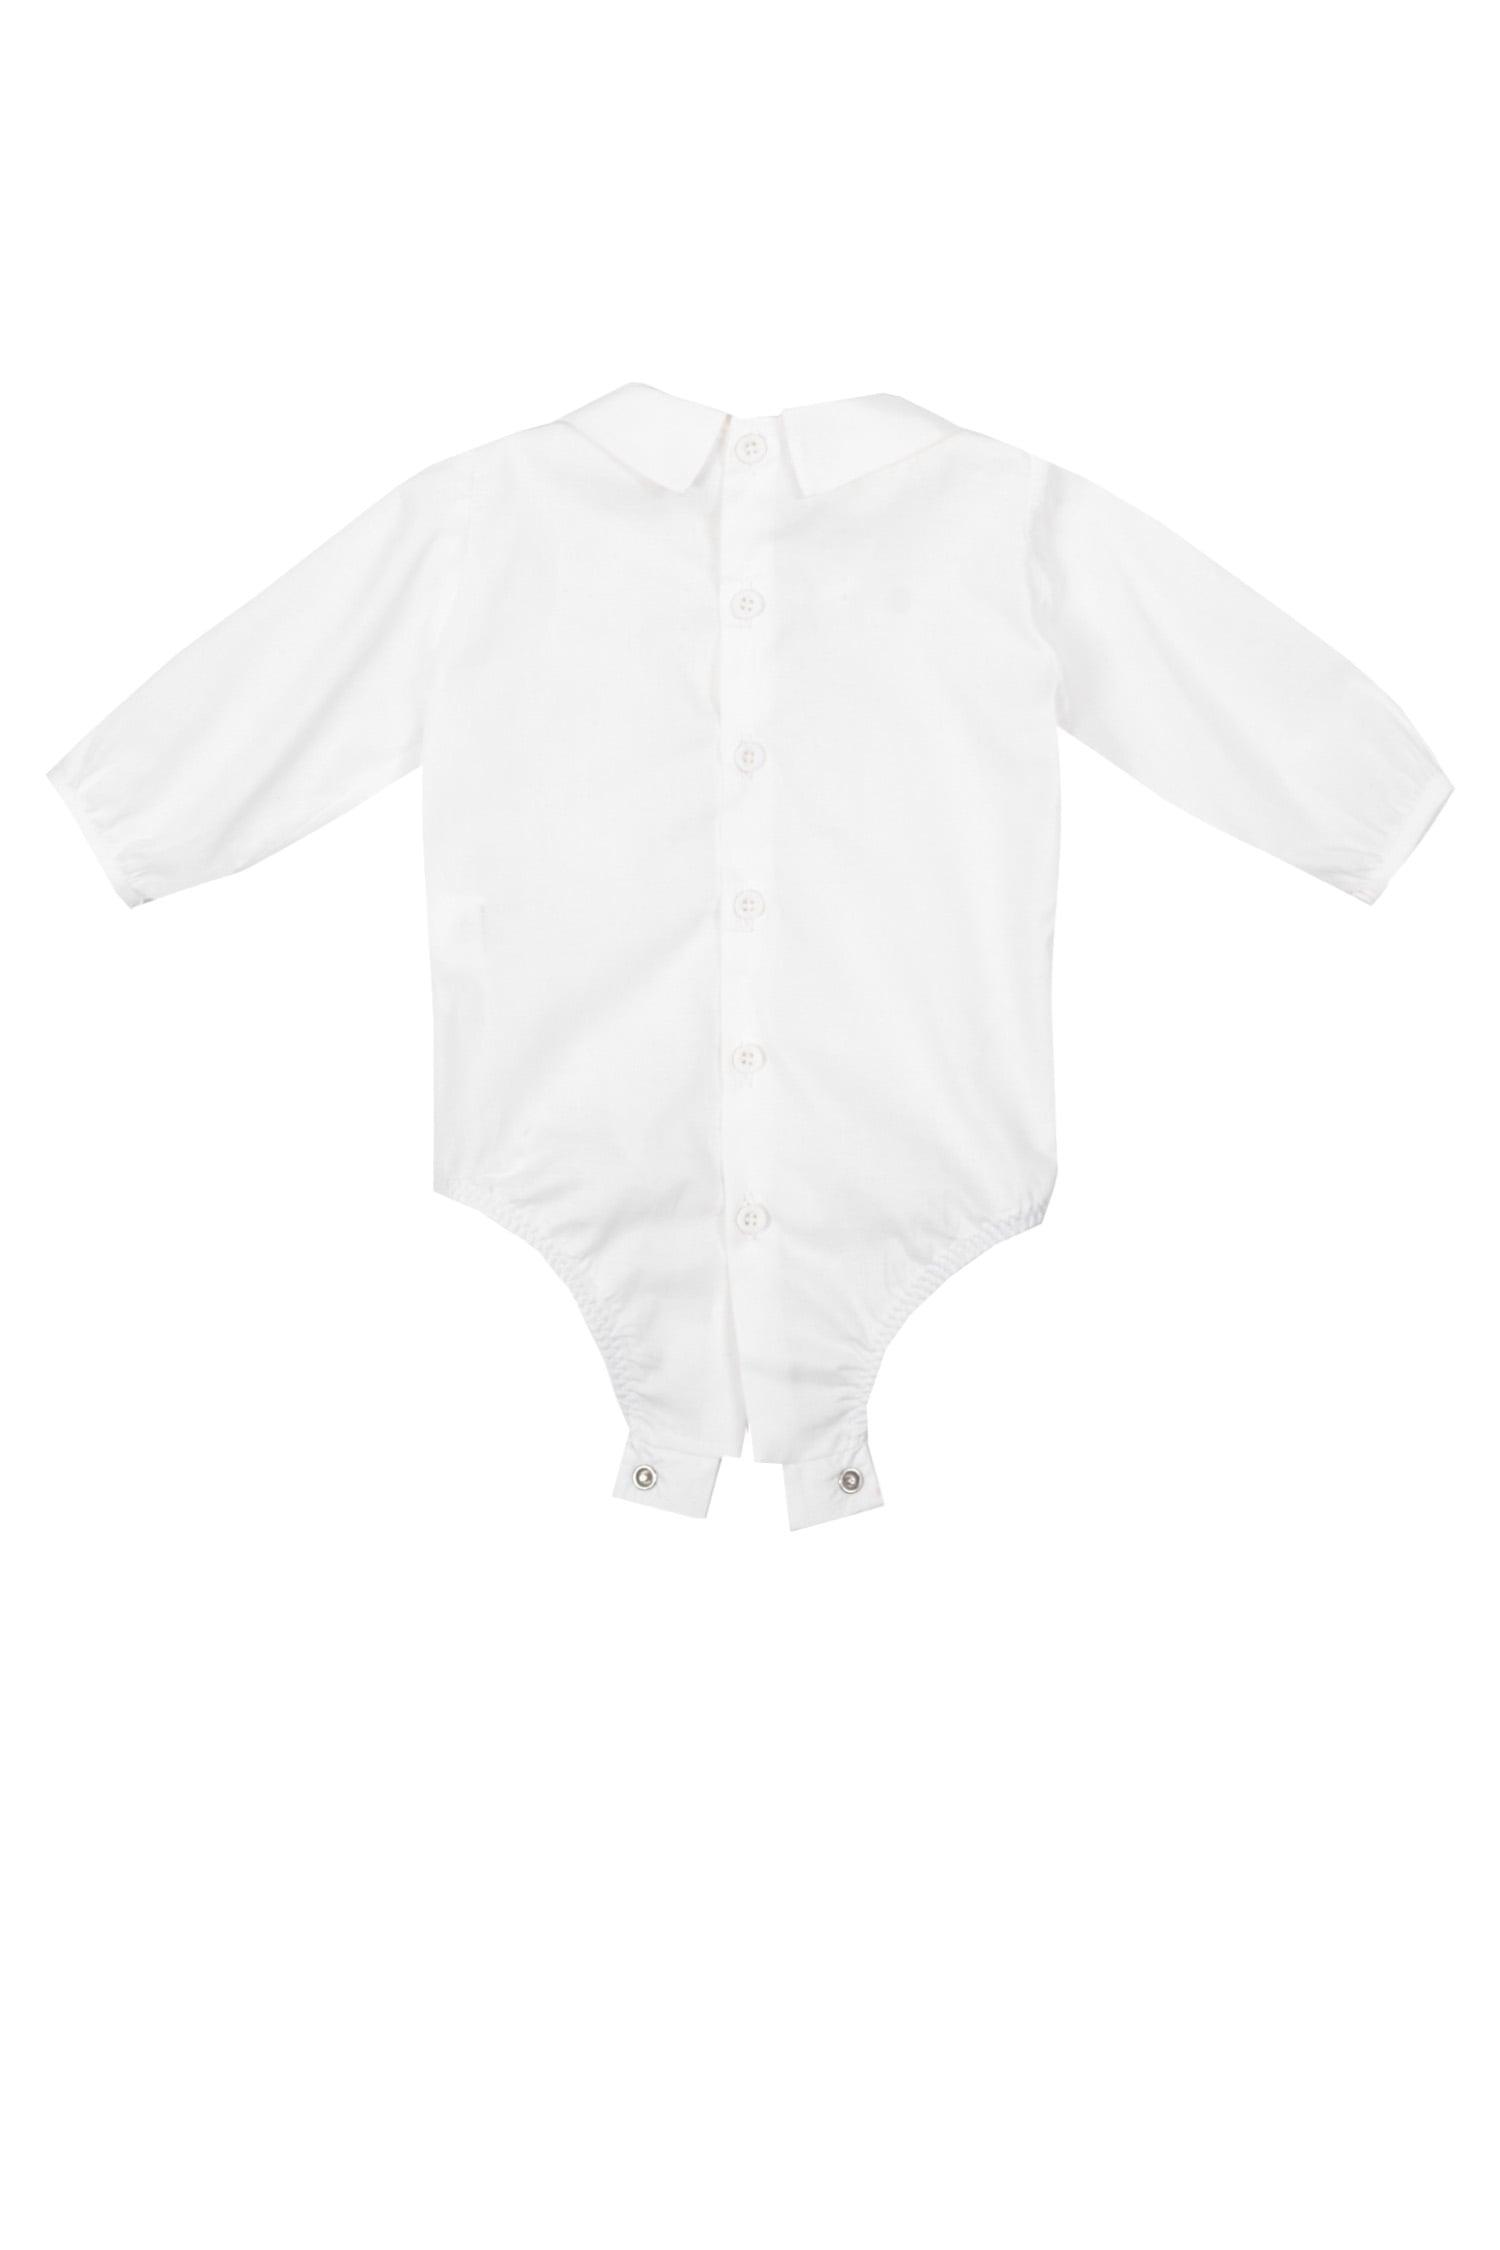 Cămașă-body albă pentru bebeluși IRIDOR- spate